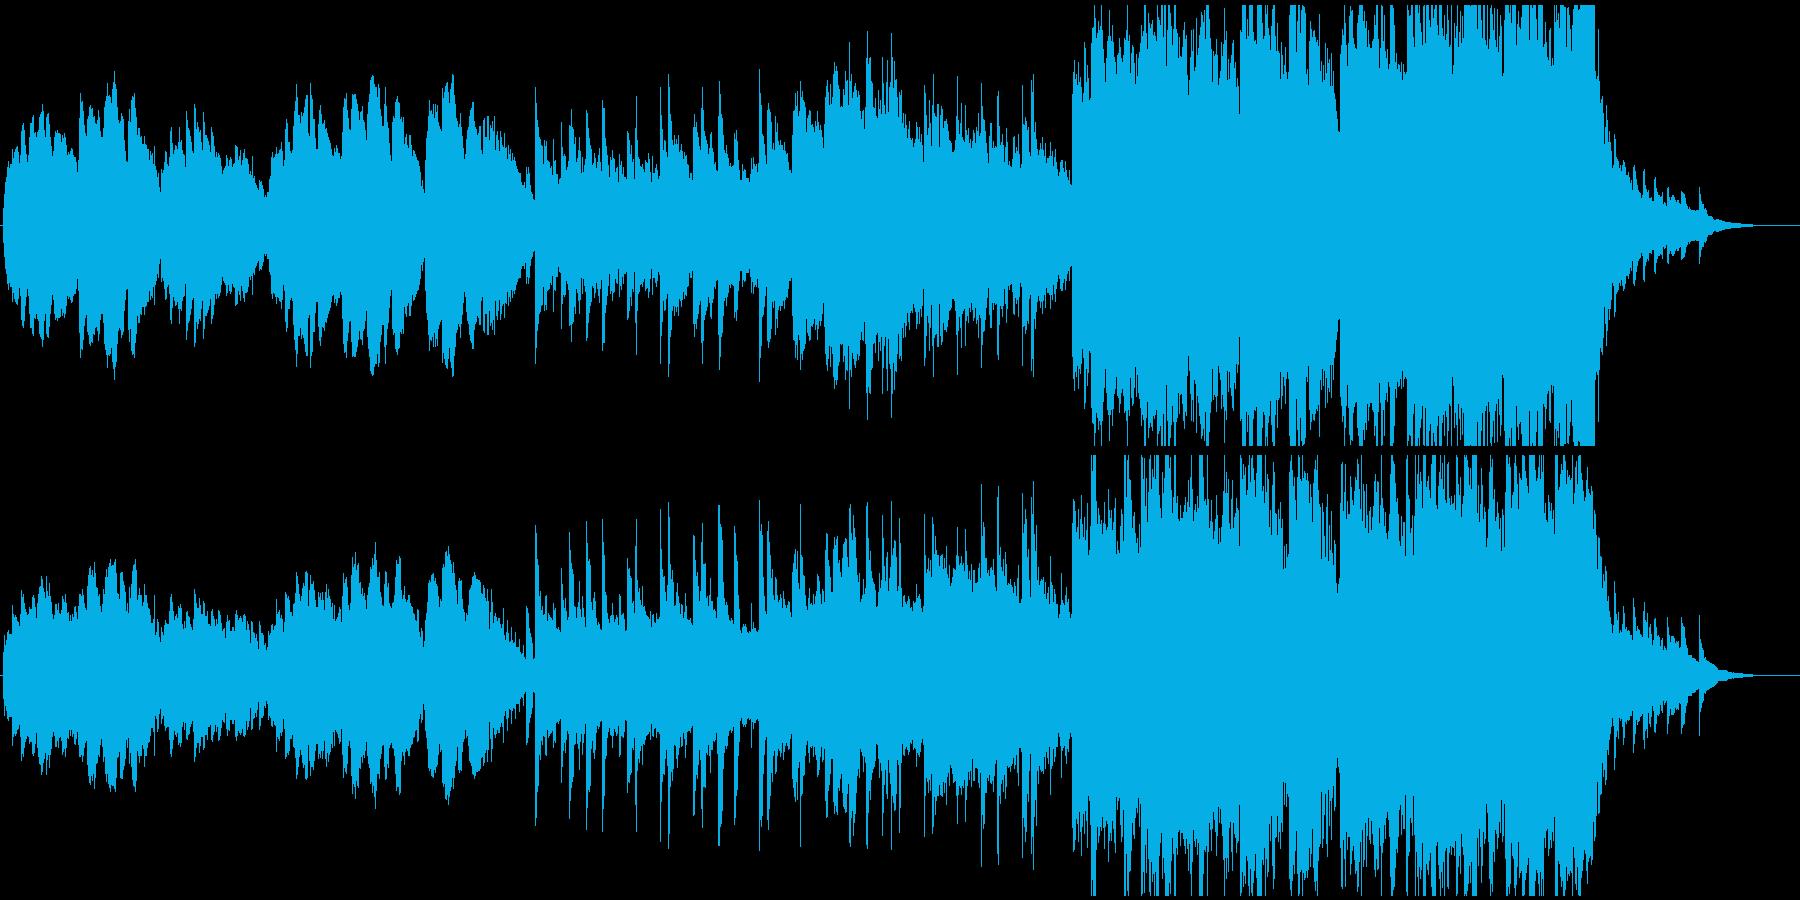 どこか寂しげで情景的なBGMの再生済みの波形